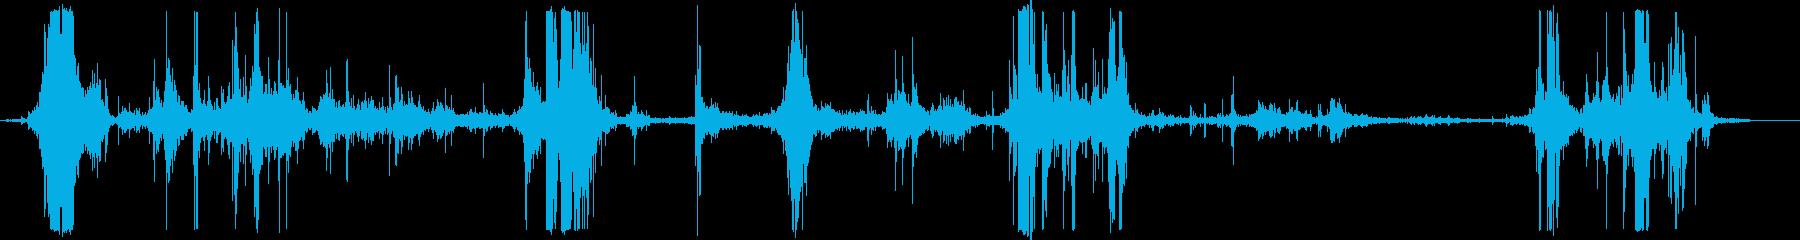 ネットが獲物の動きを捉えるの再生済みの波形